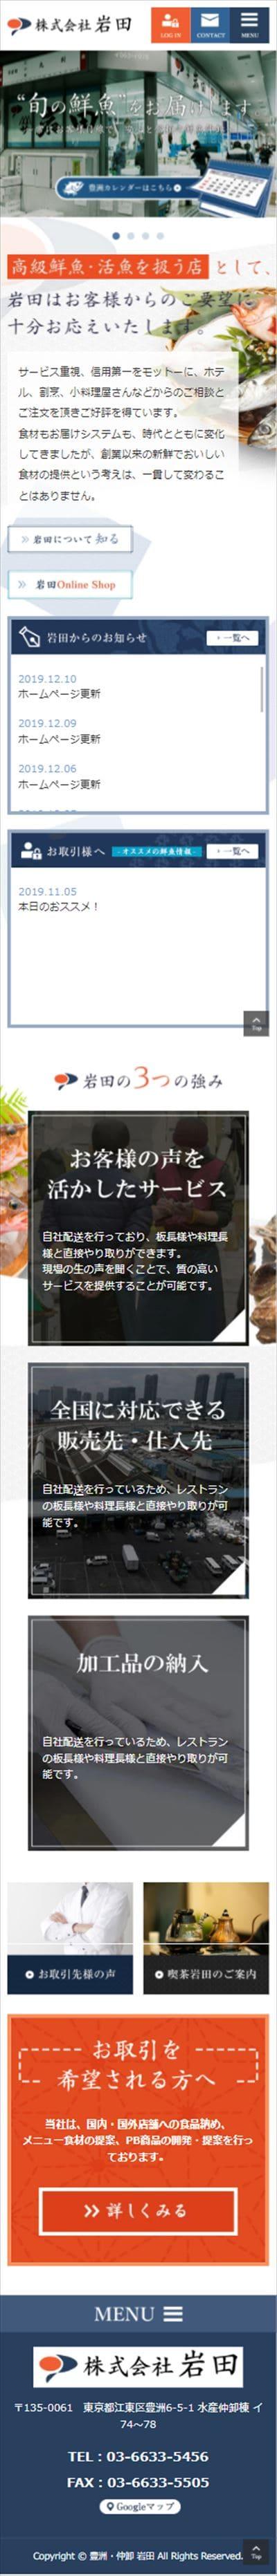 株式会社岩田